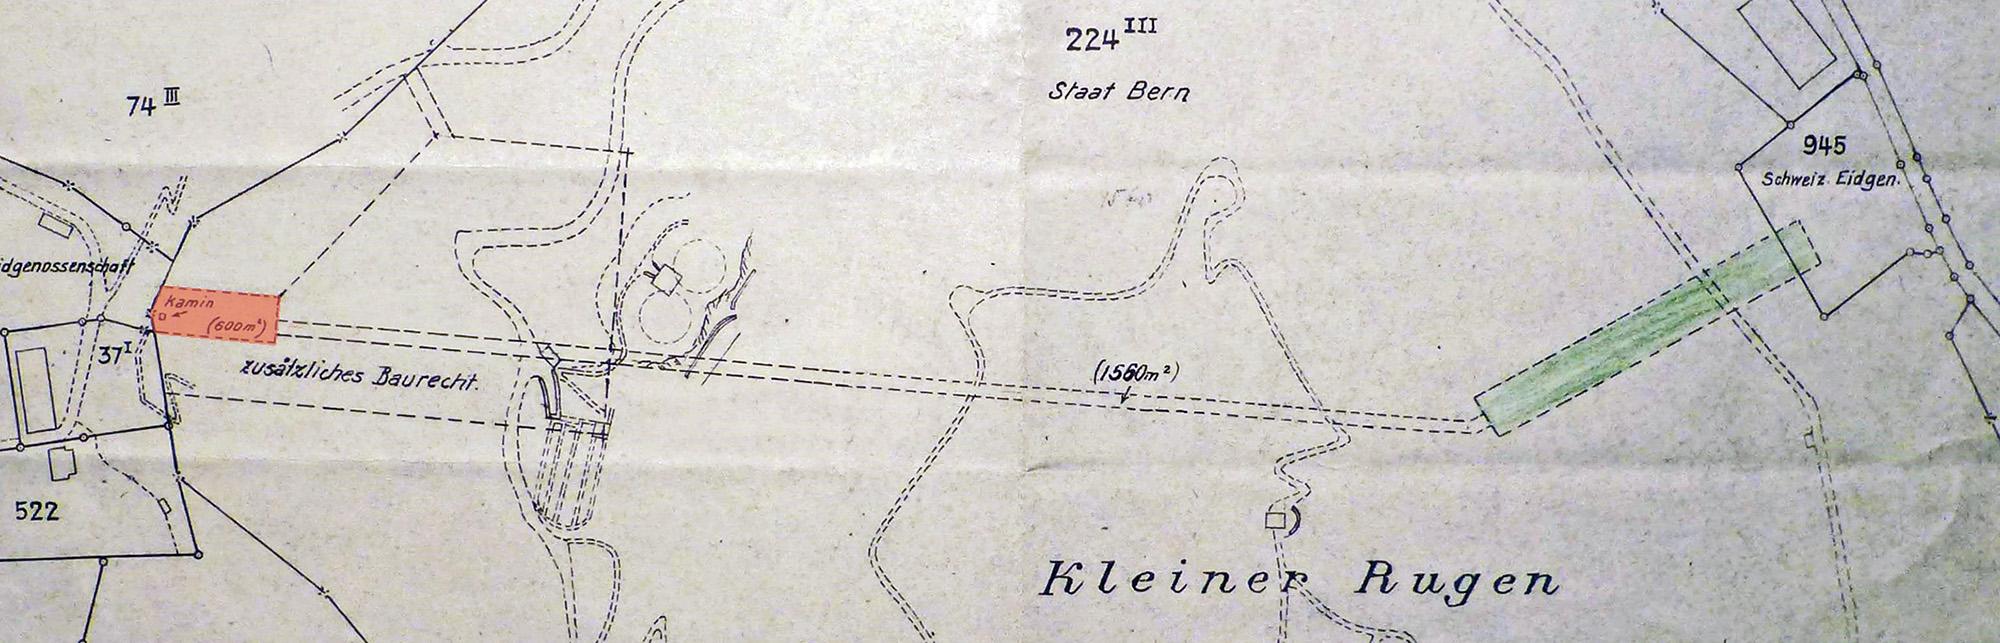 Grün der Luftwaffen-Lagerstollen (100 m lang), rot die ursprüngliche Rugen-Kaverne - der Verbindungsgang zeigt die Dimensionen.